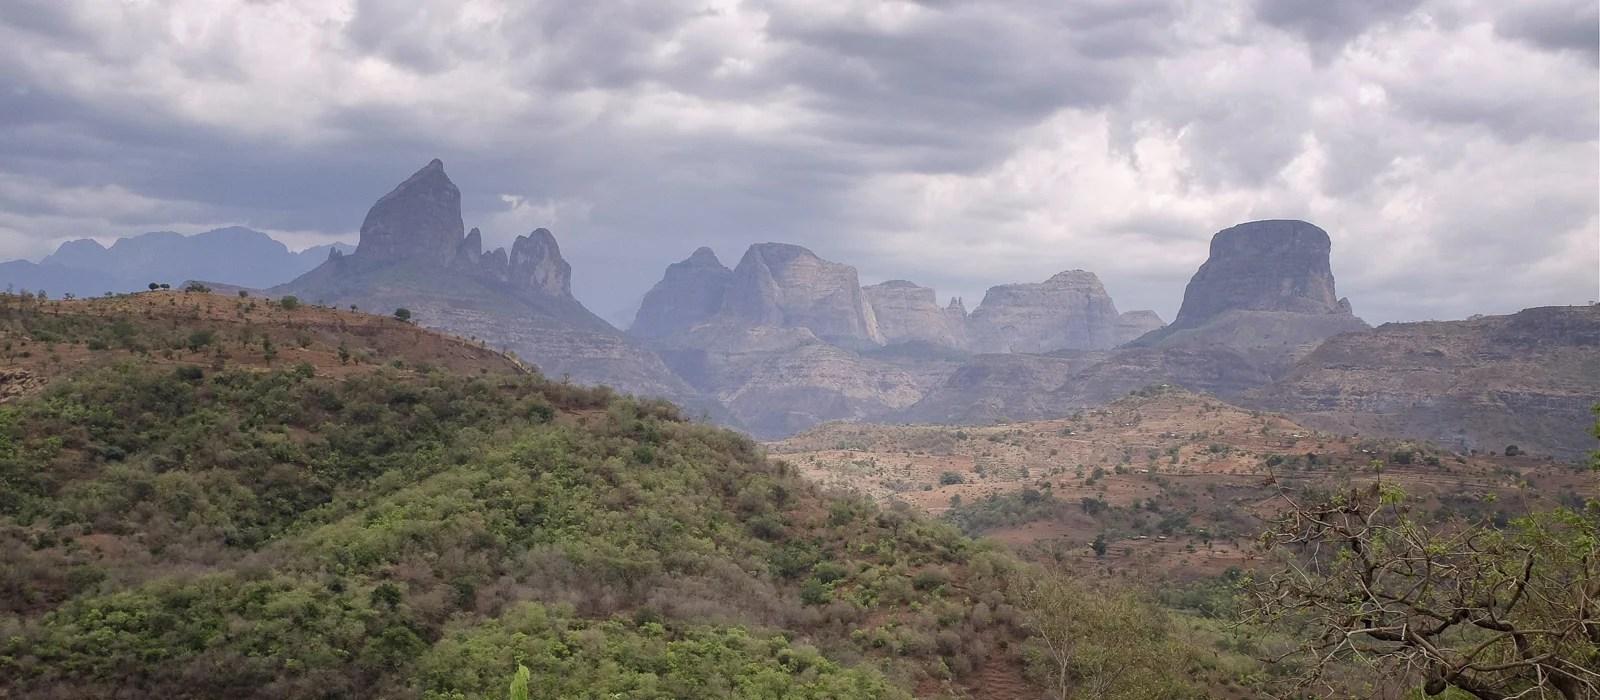 img-diapo-entete - Ethiopie-1600x700-13.jpg